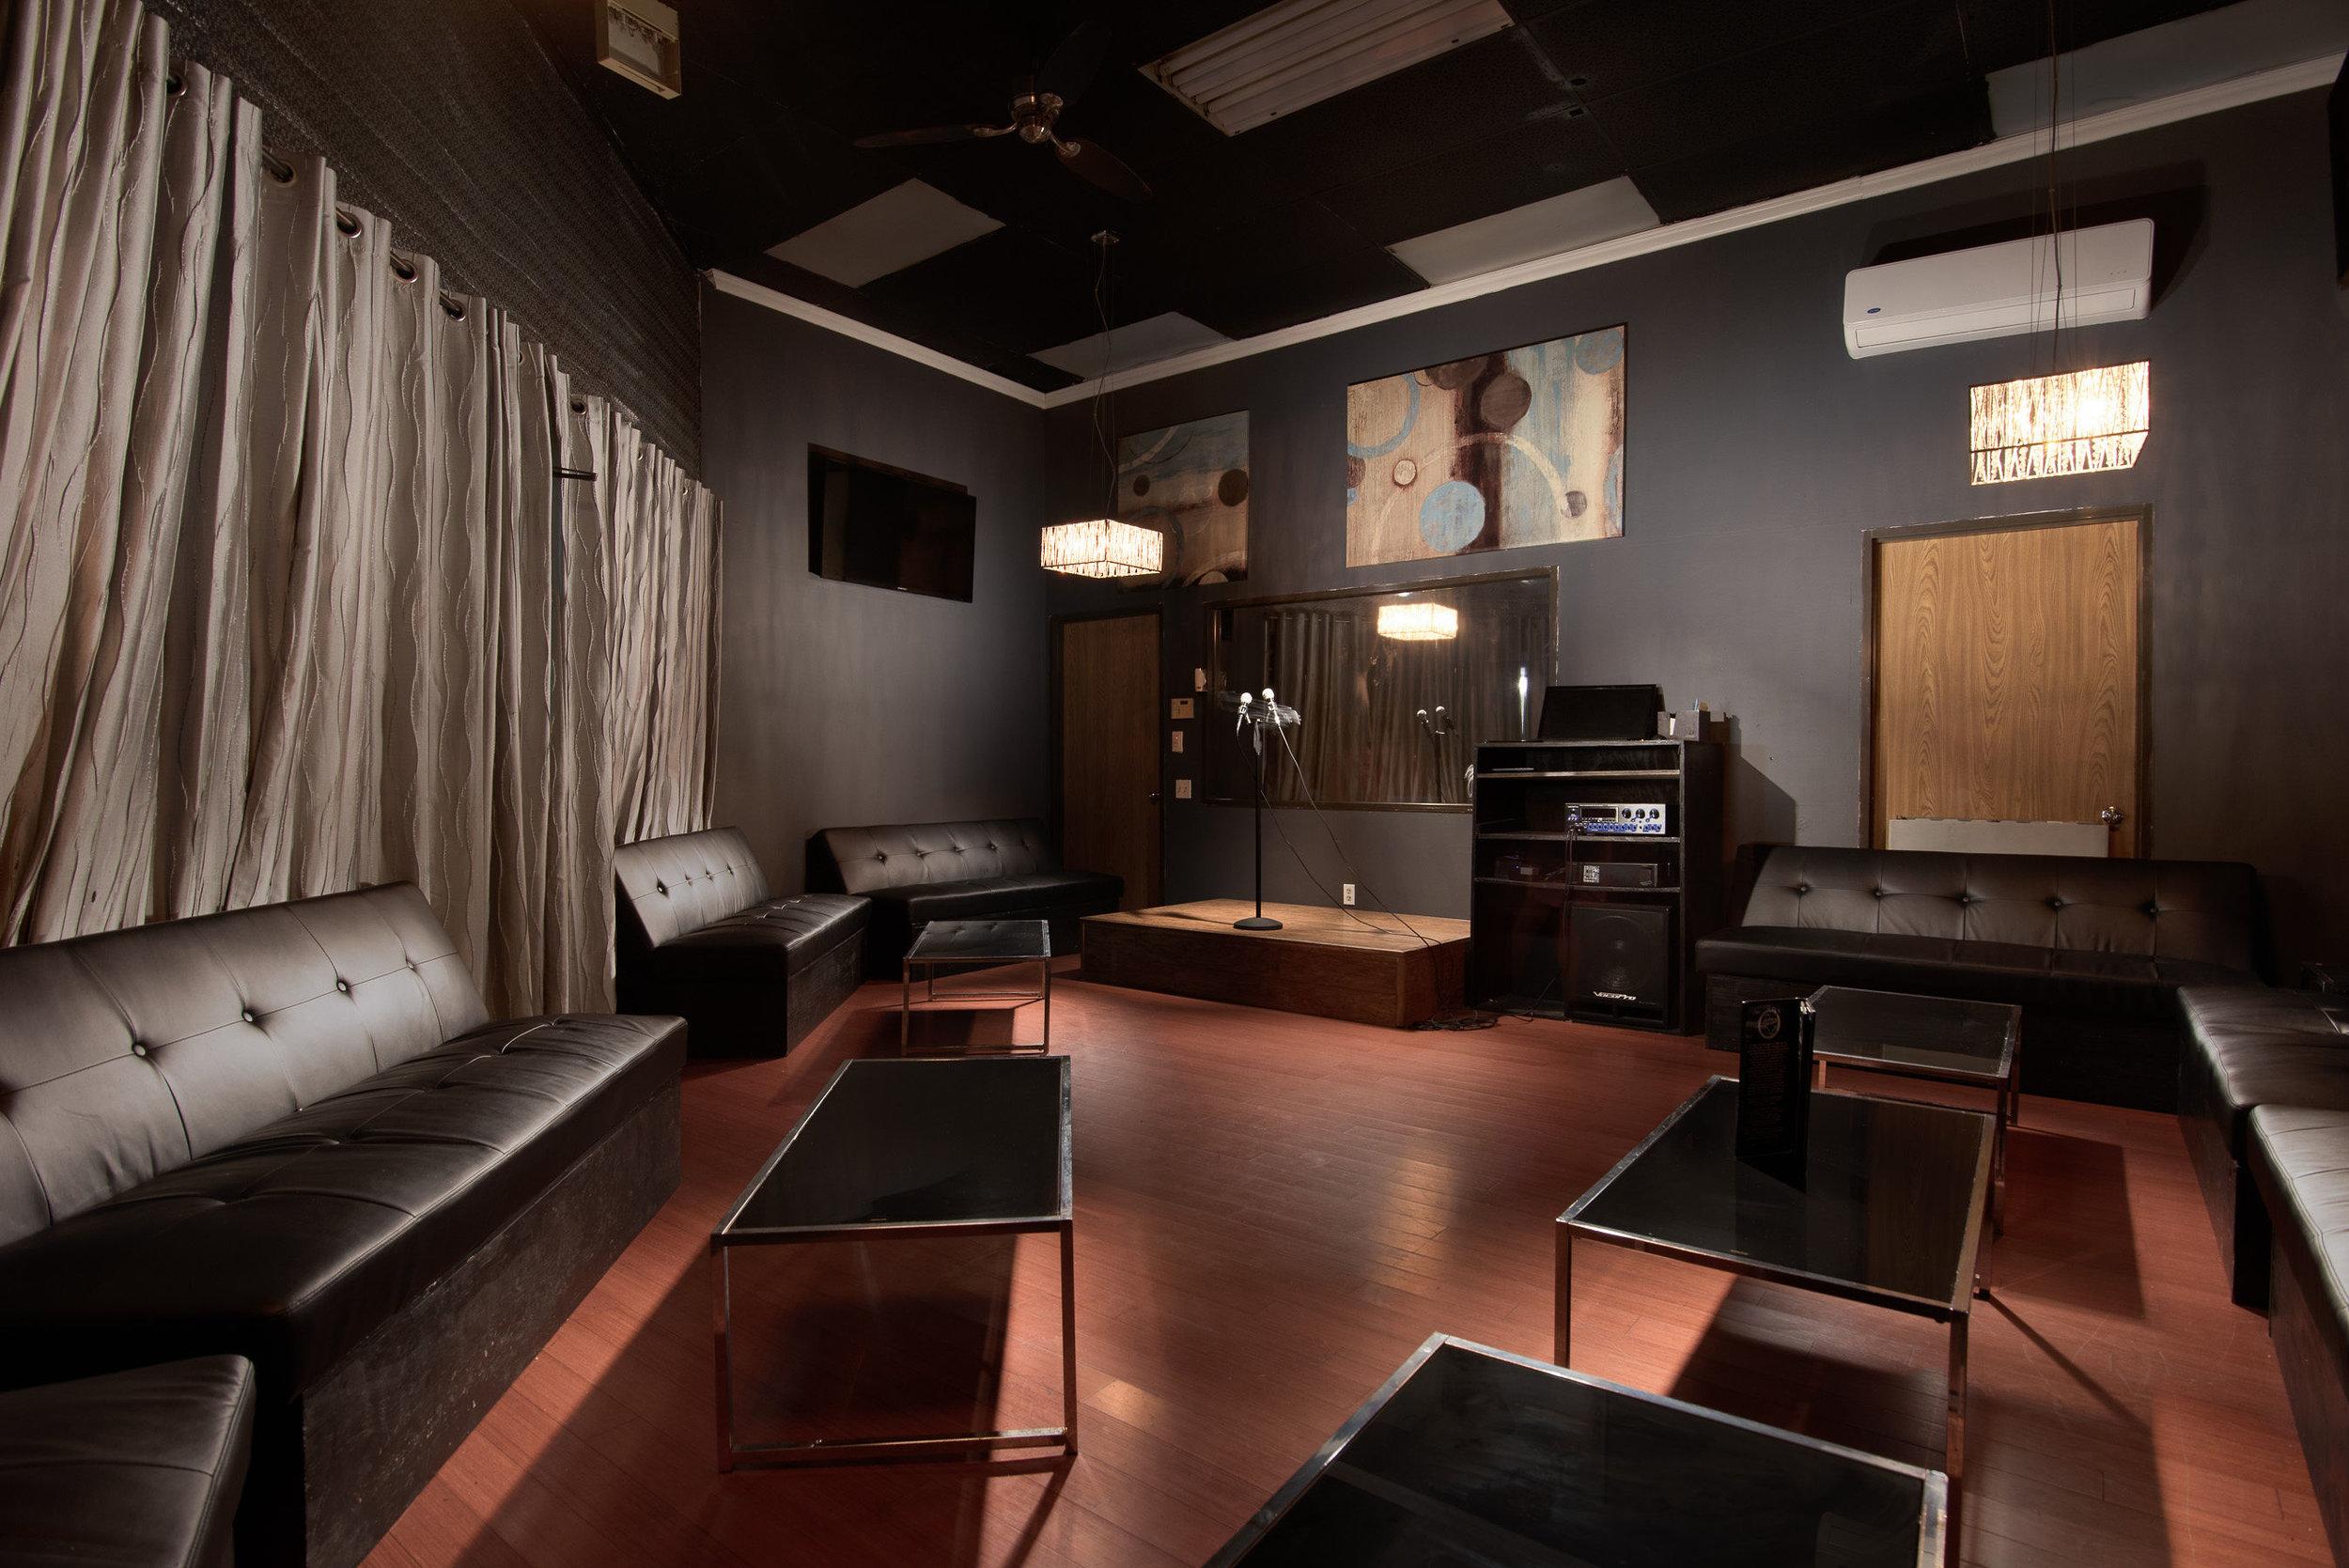 Galleria Room 7